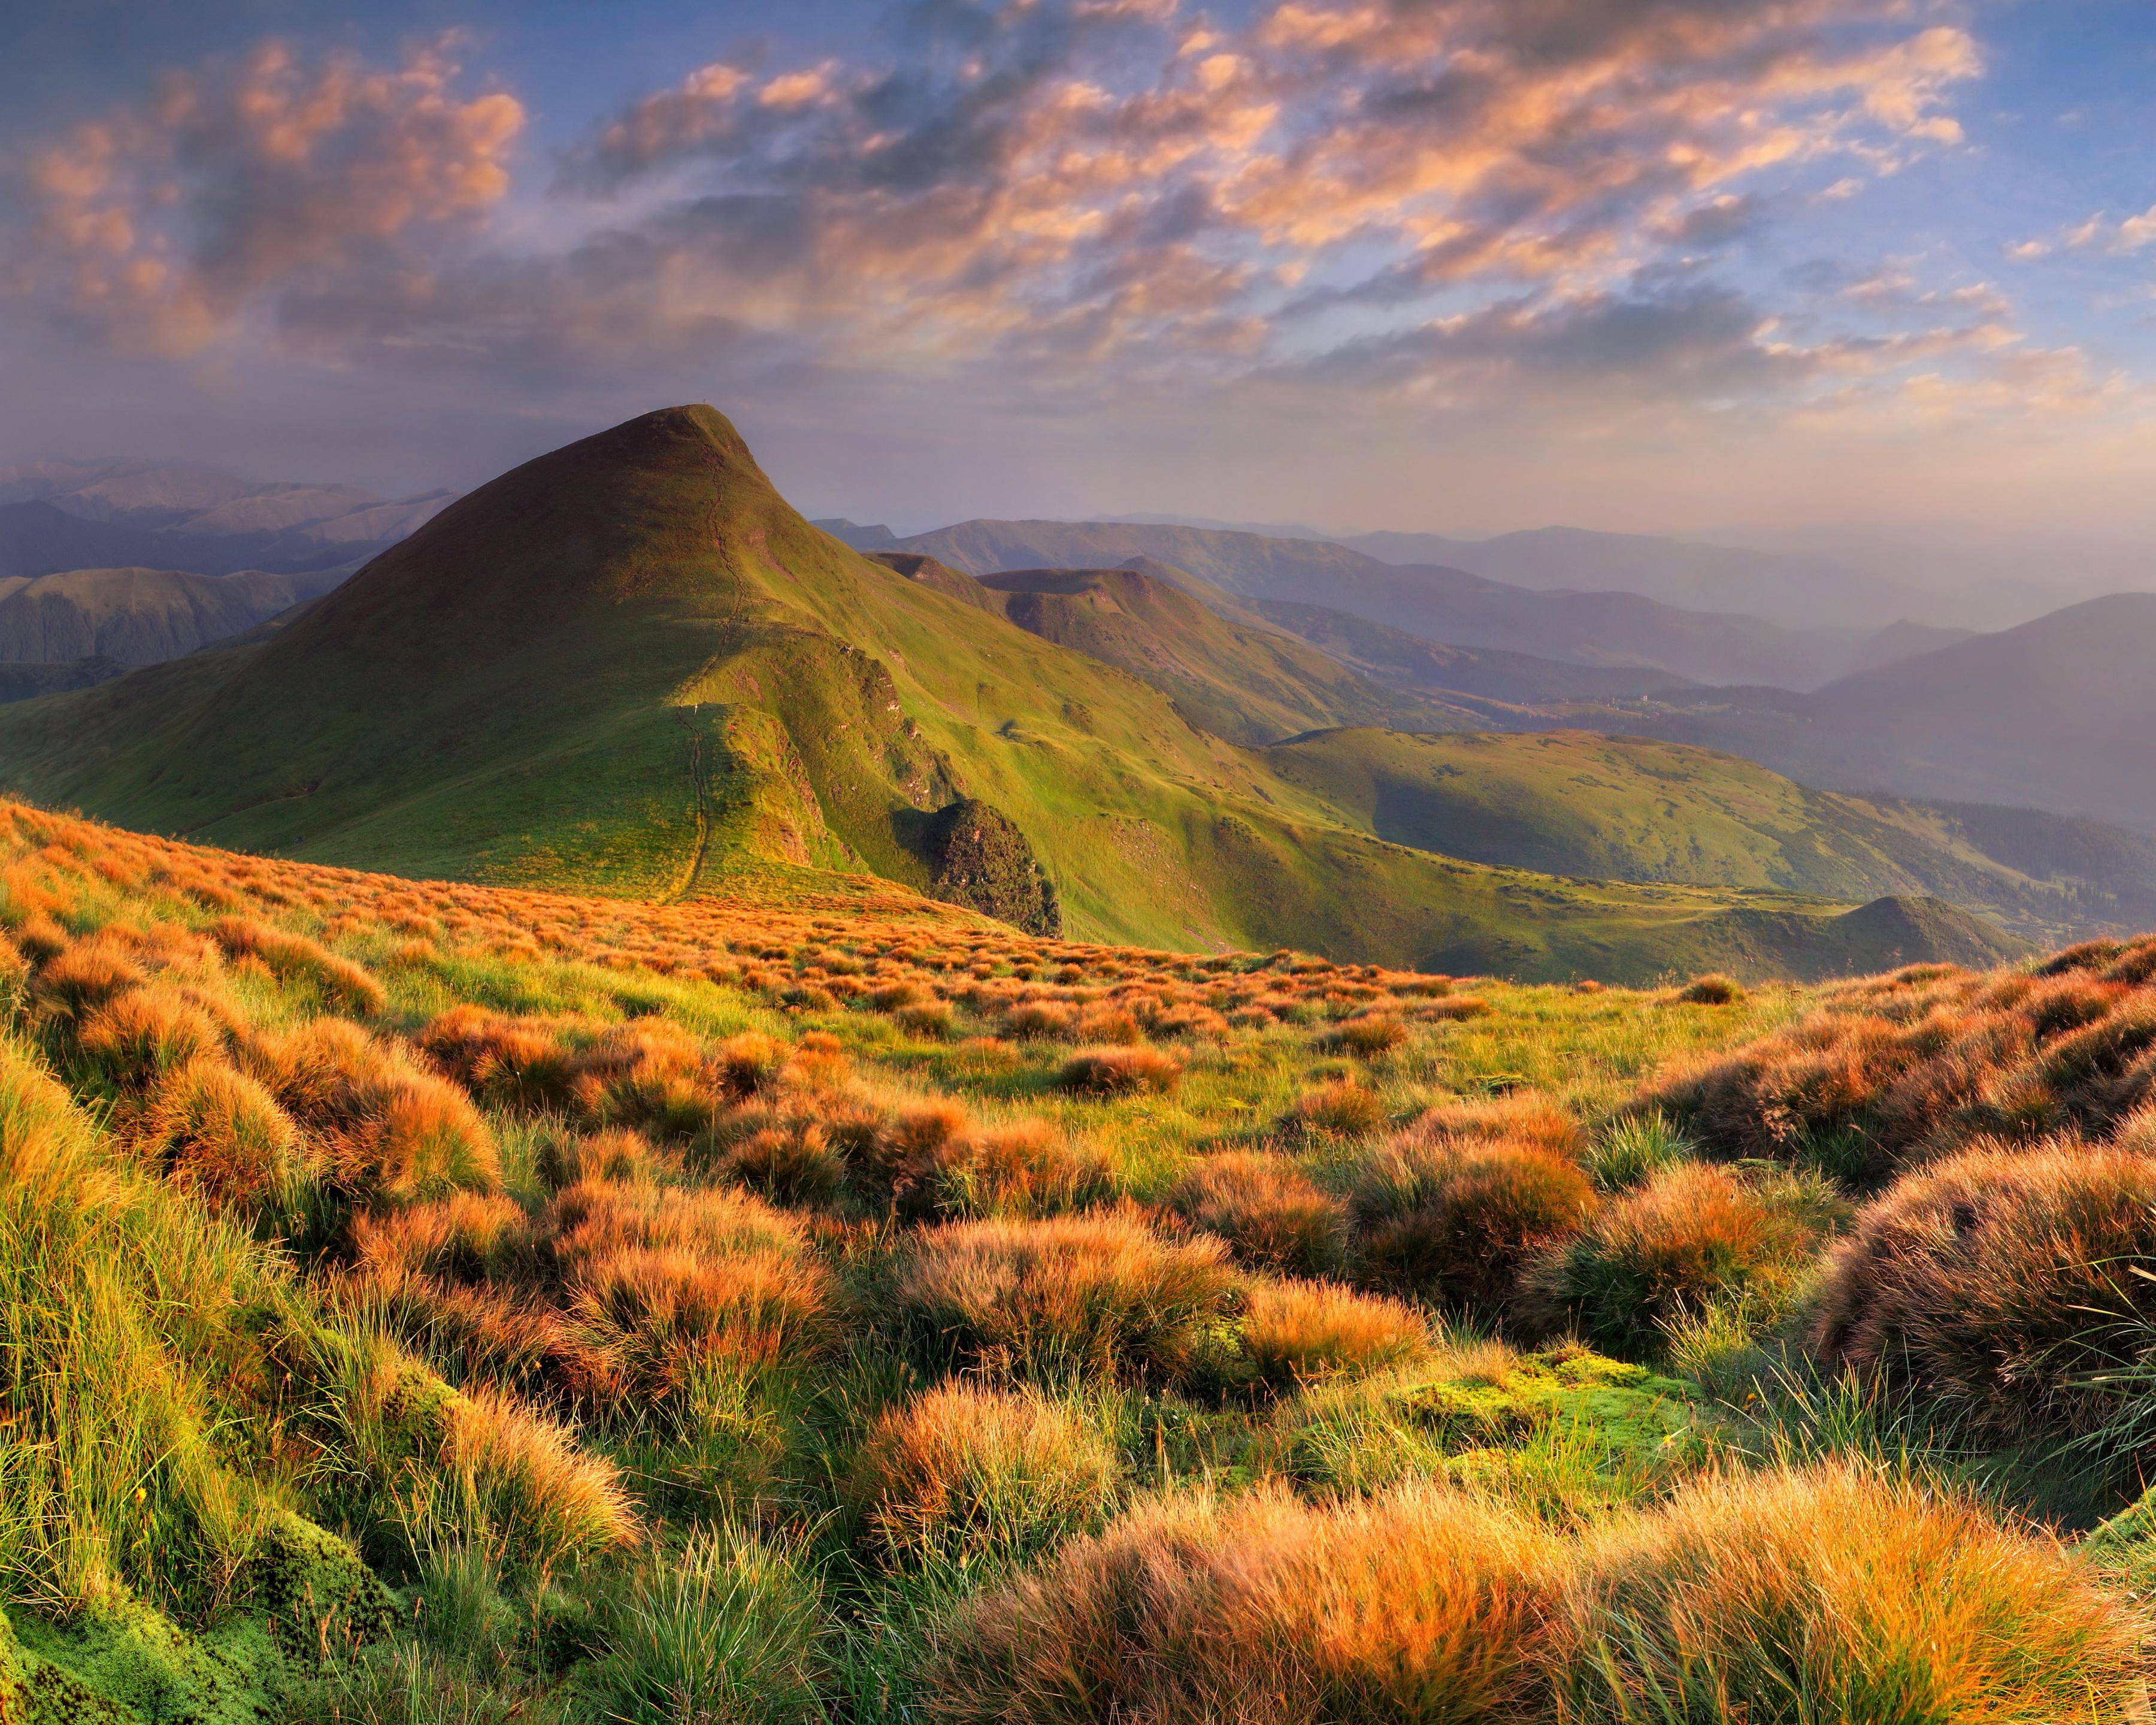 пейзаж гористый ландшафт небо бесплатно